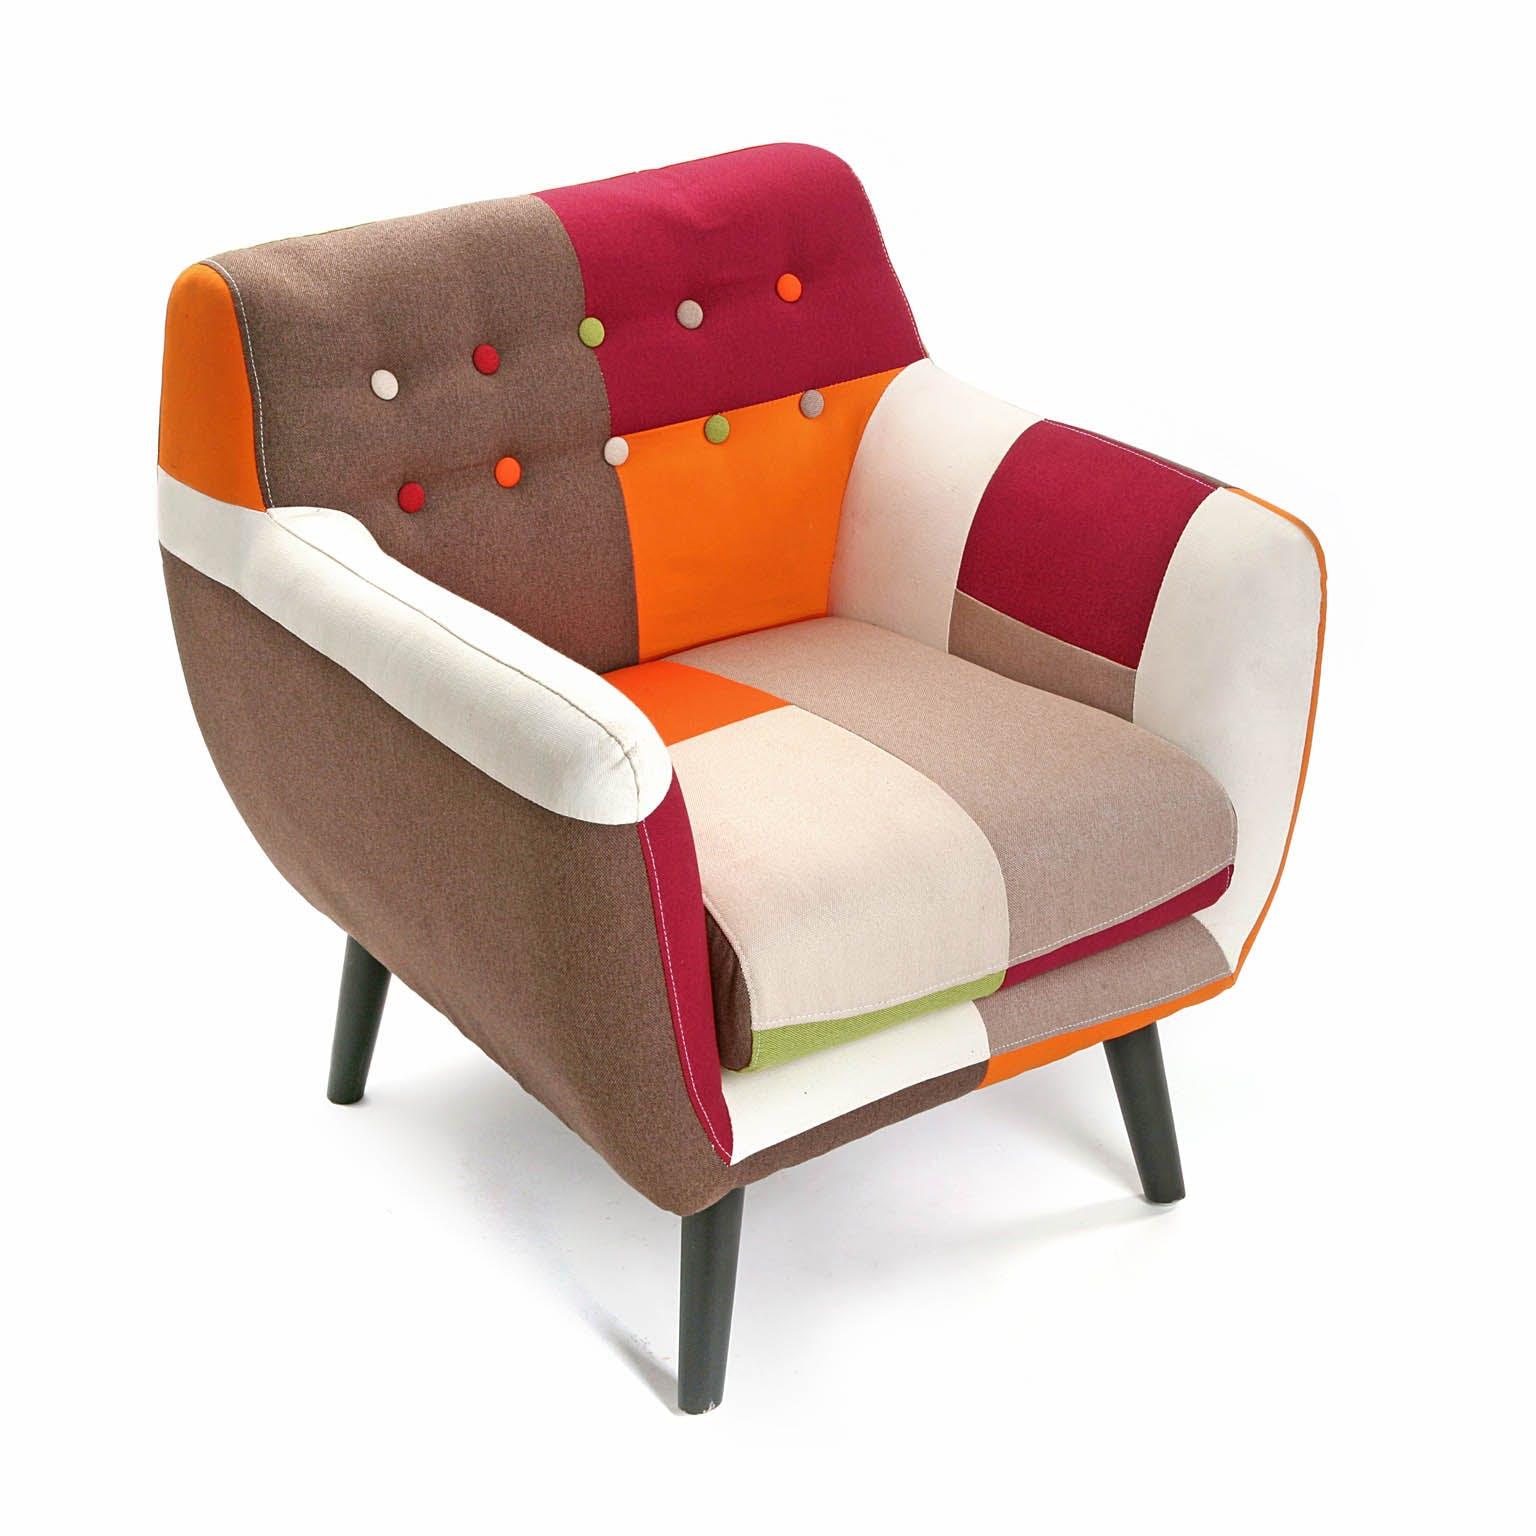 Fauteuil Club en tissu Patchwork coloré et pieds bois 68x63x76cm GREEN